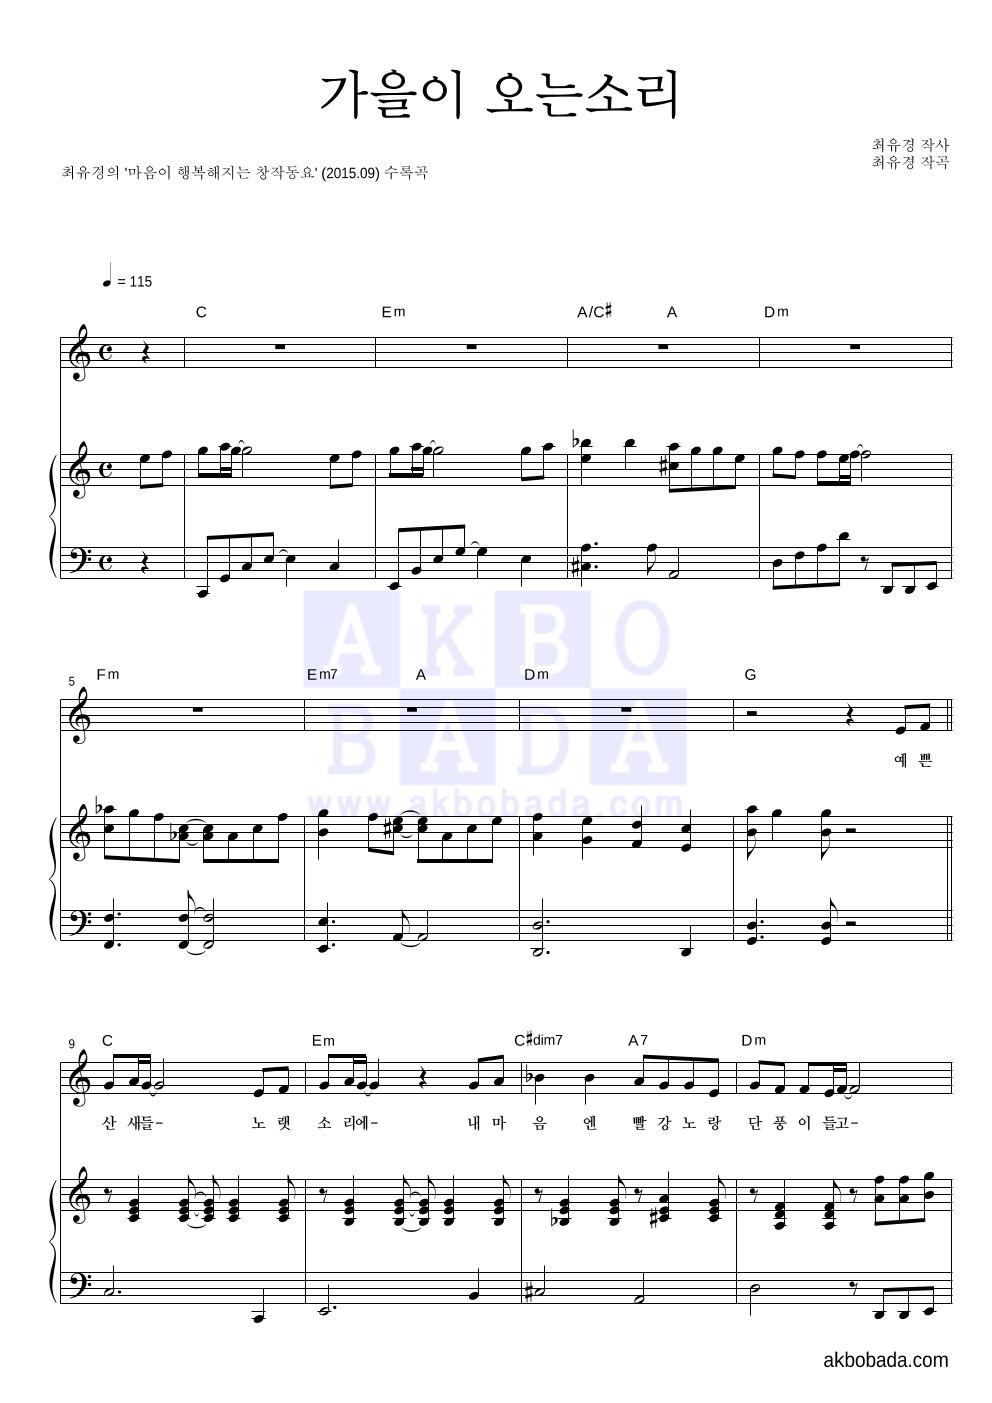 최유경 - 가을이 오는 소리 피아노 3단 악보